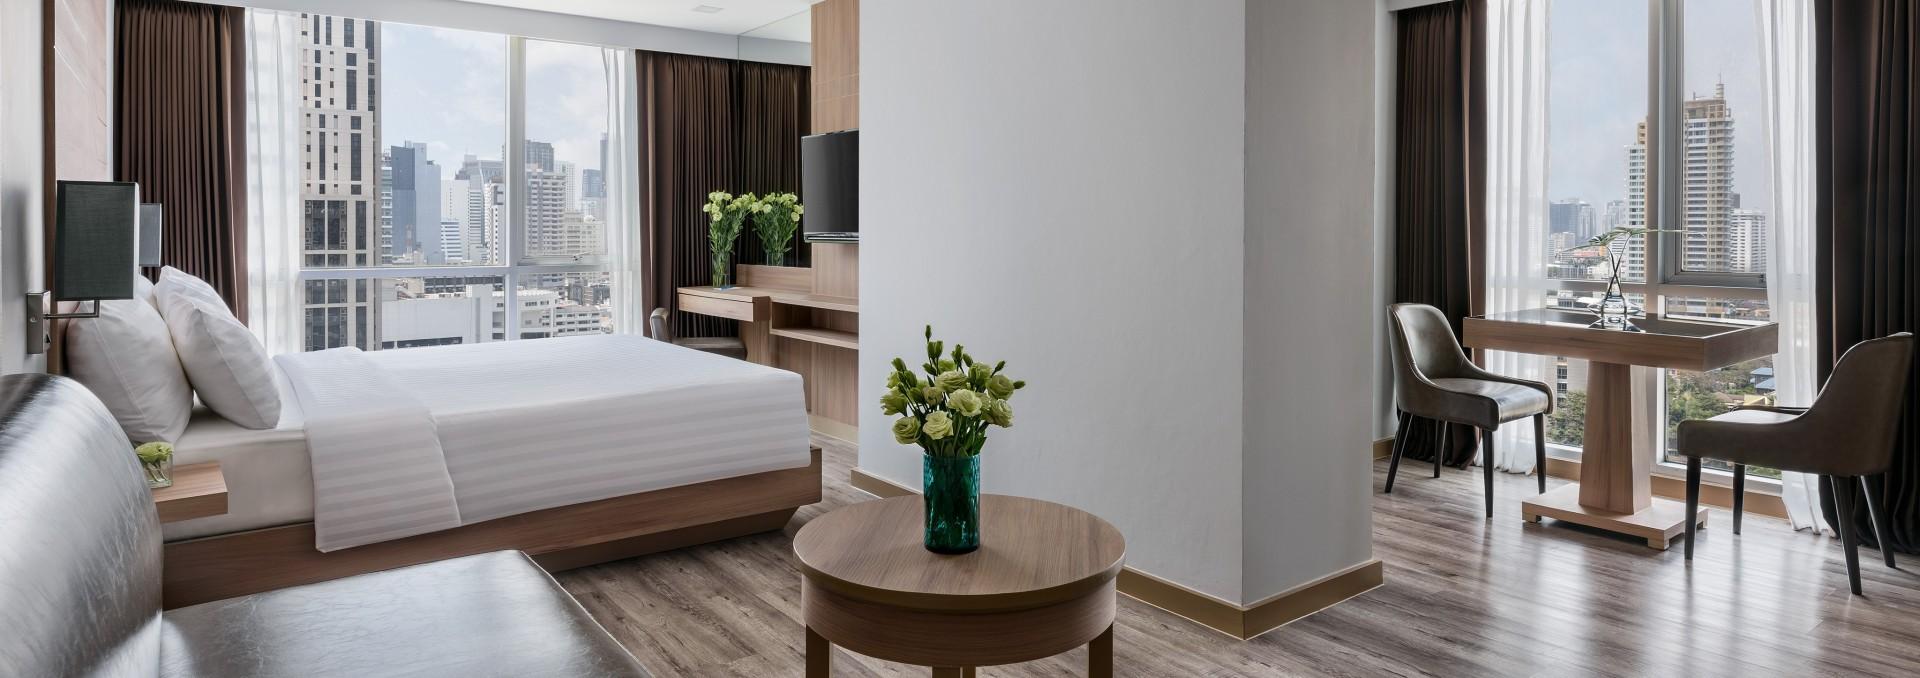 Adelphi Grande Sukhumvit Hotel - Deluxe Suite A-MD Res-08 (Large).jpg